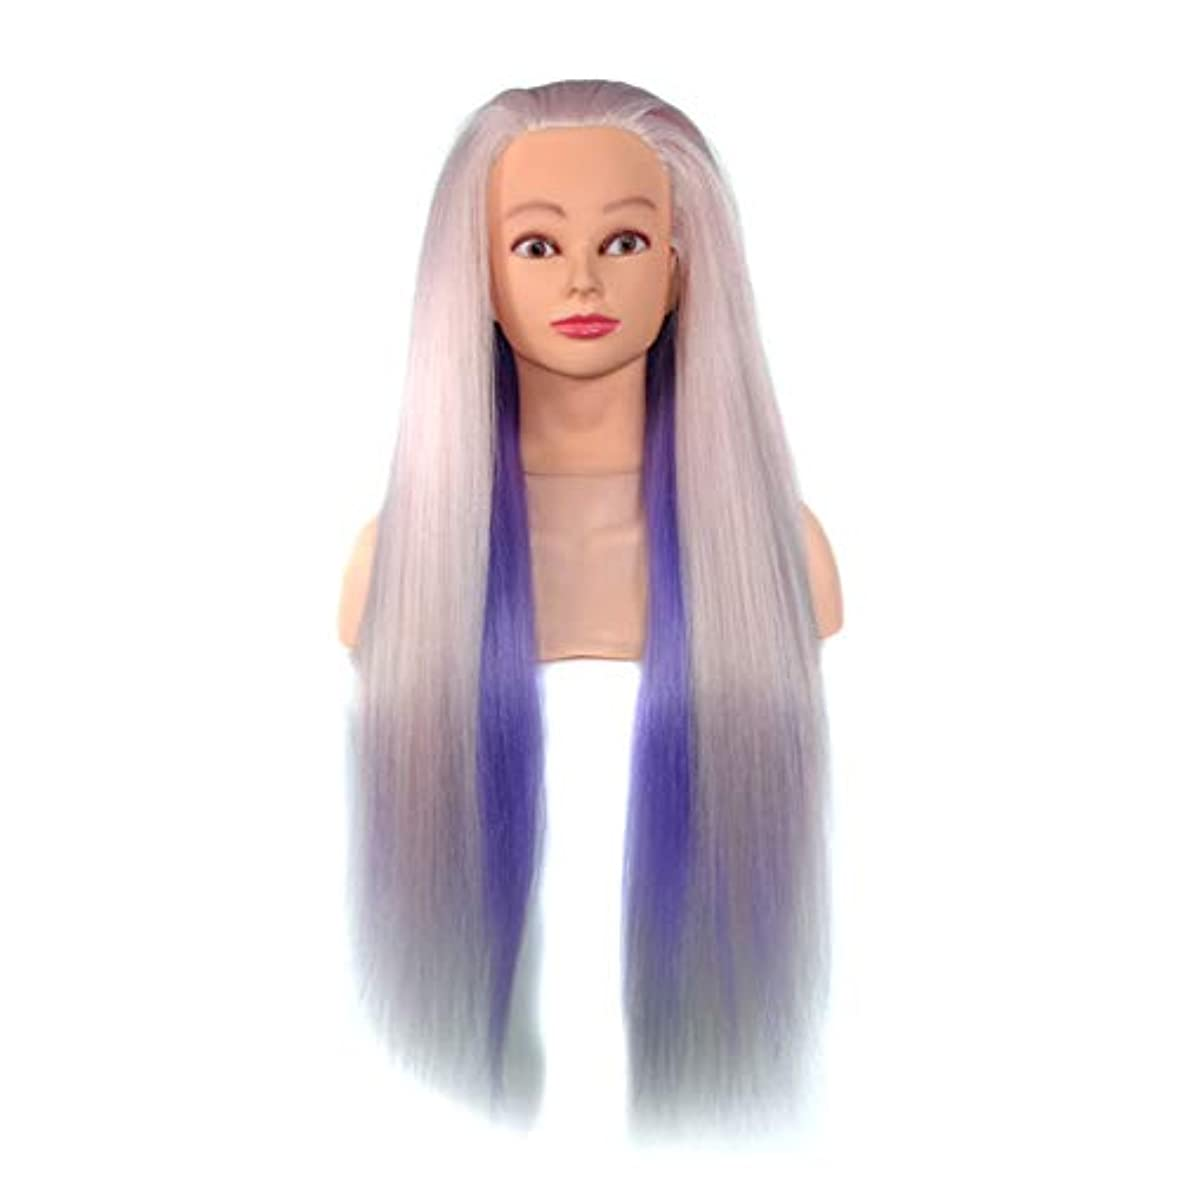 ぐるぐるクリープ飲み込む高温シルク花嫁編組エクササイズヘッドサロン教育グラデーショントレーニングヘッド理髪学習ヘッドモデル